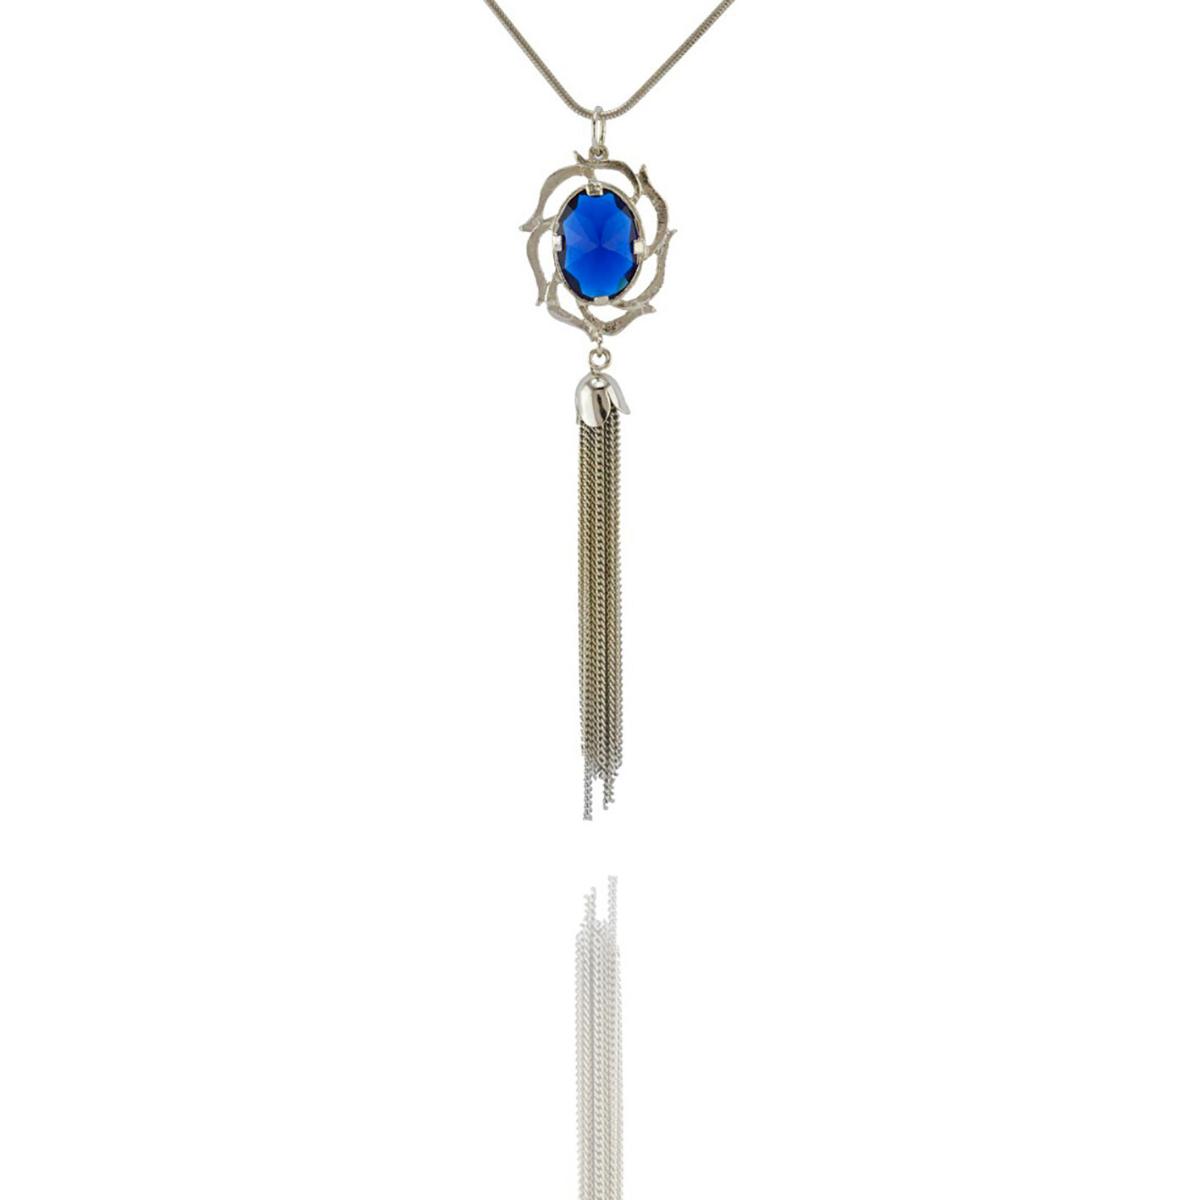 Colar Barbara Strauss Insígnia Em Cristal Azul, Revestido Em Ouro 18K